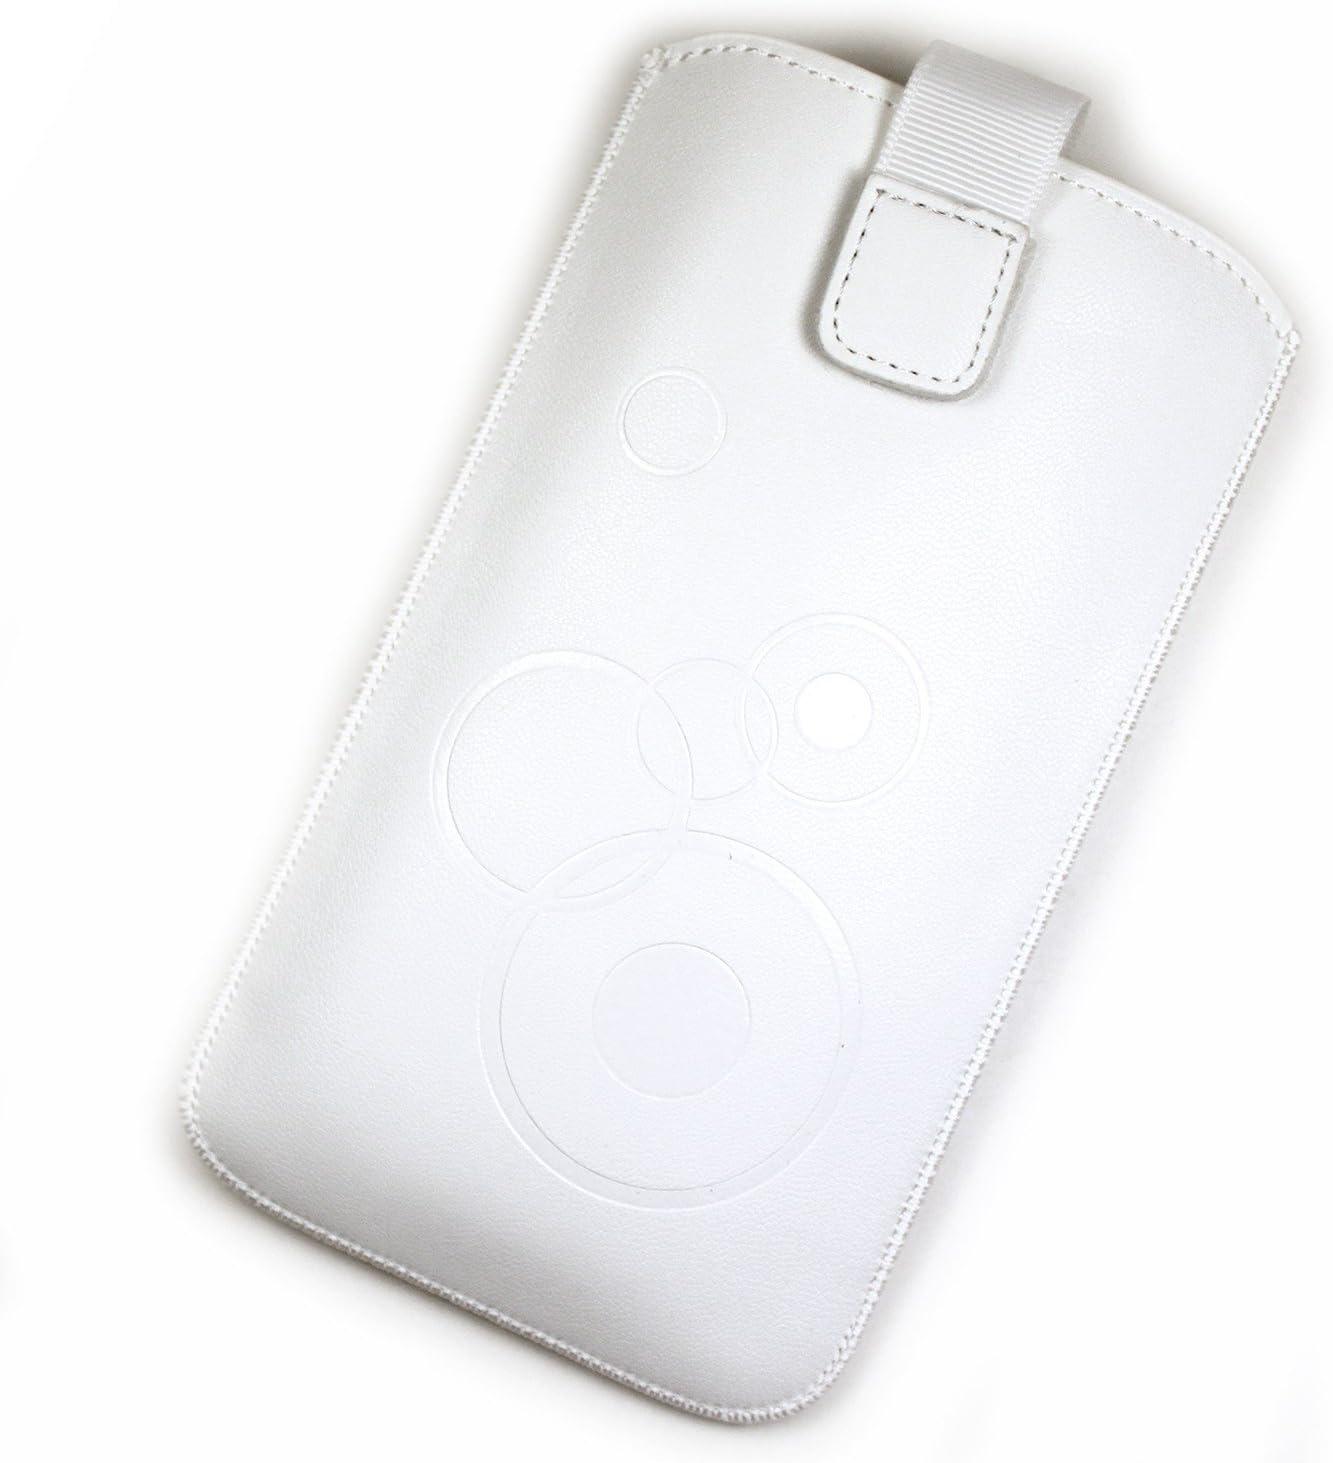 Funda Pochette de piel sintética color blanco para móvil Carrefour Smart 5: Amazon.es: Electrónica